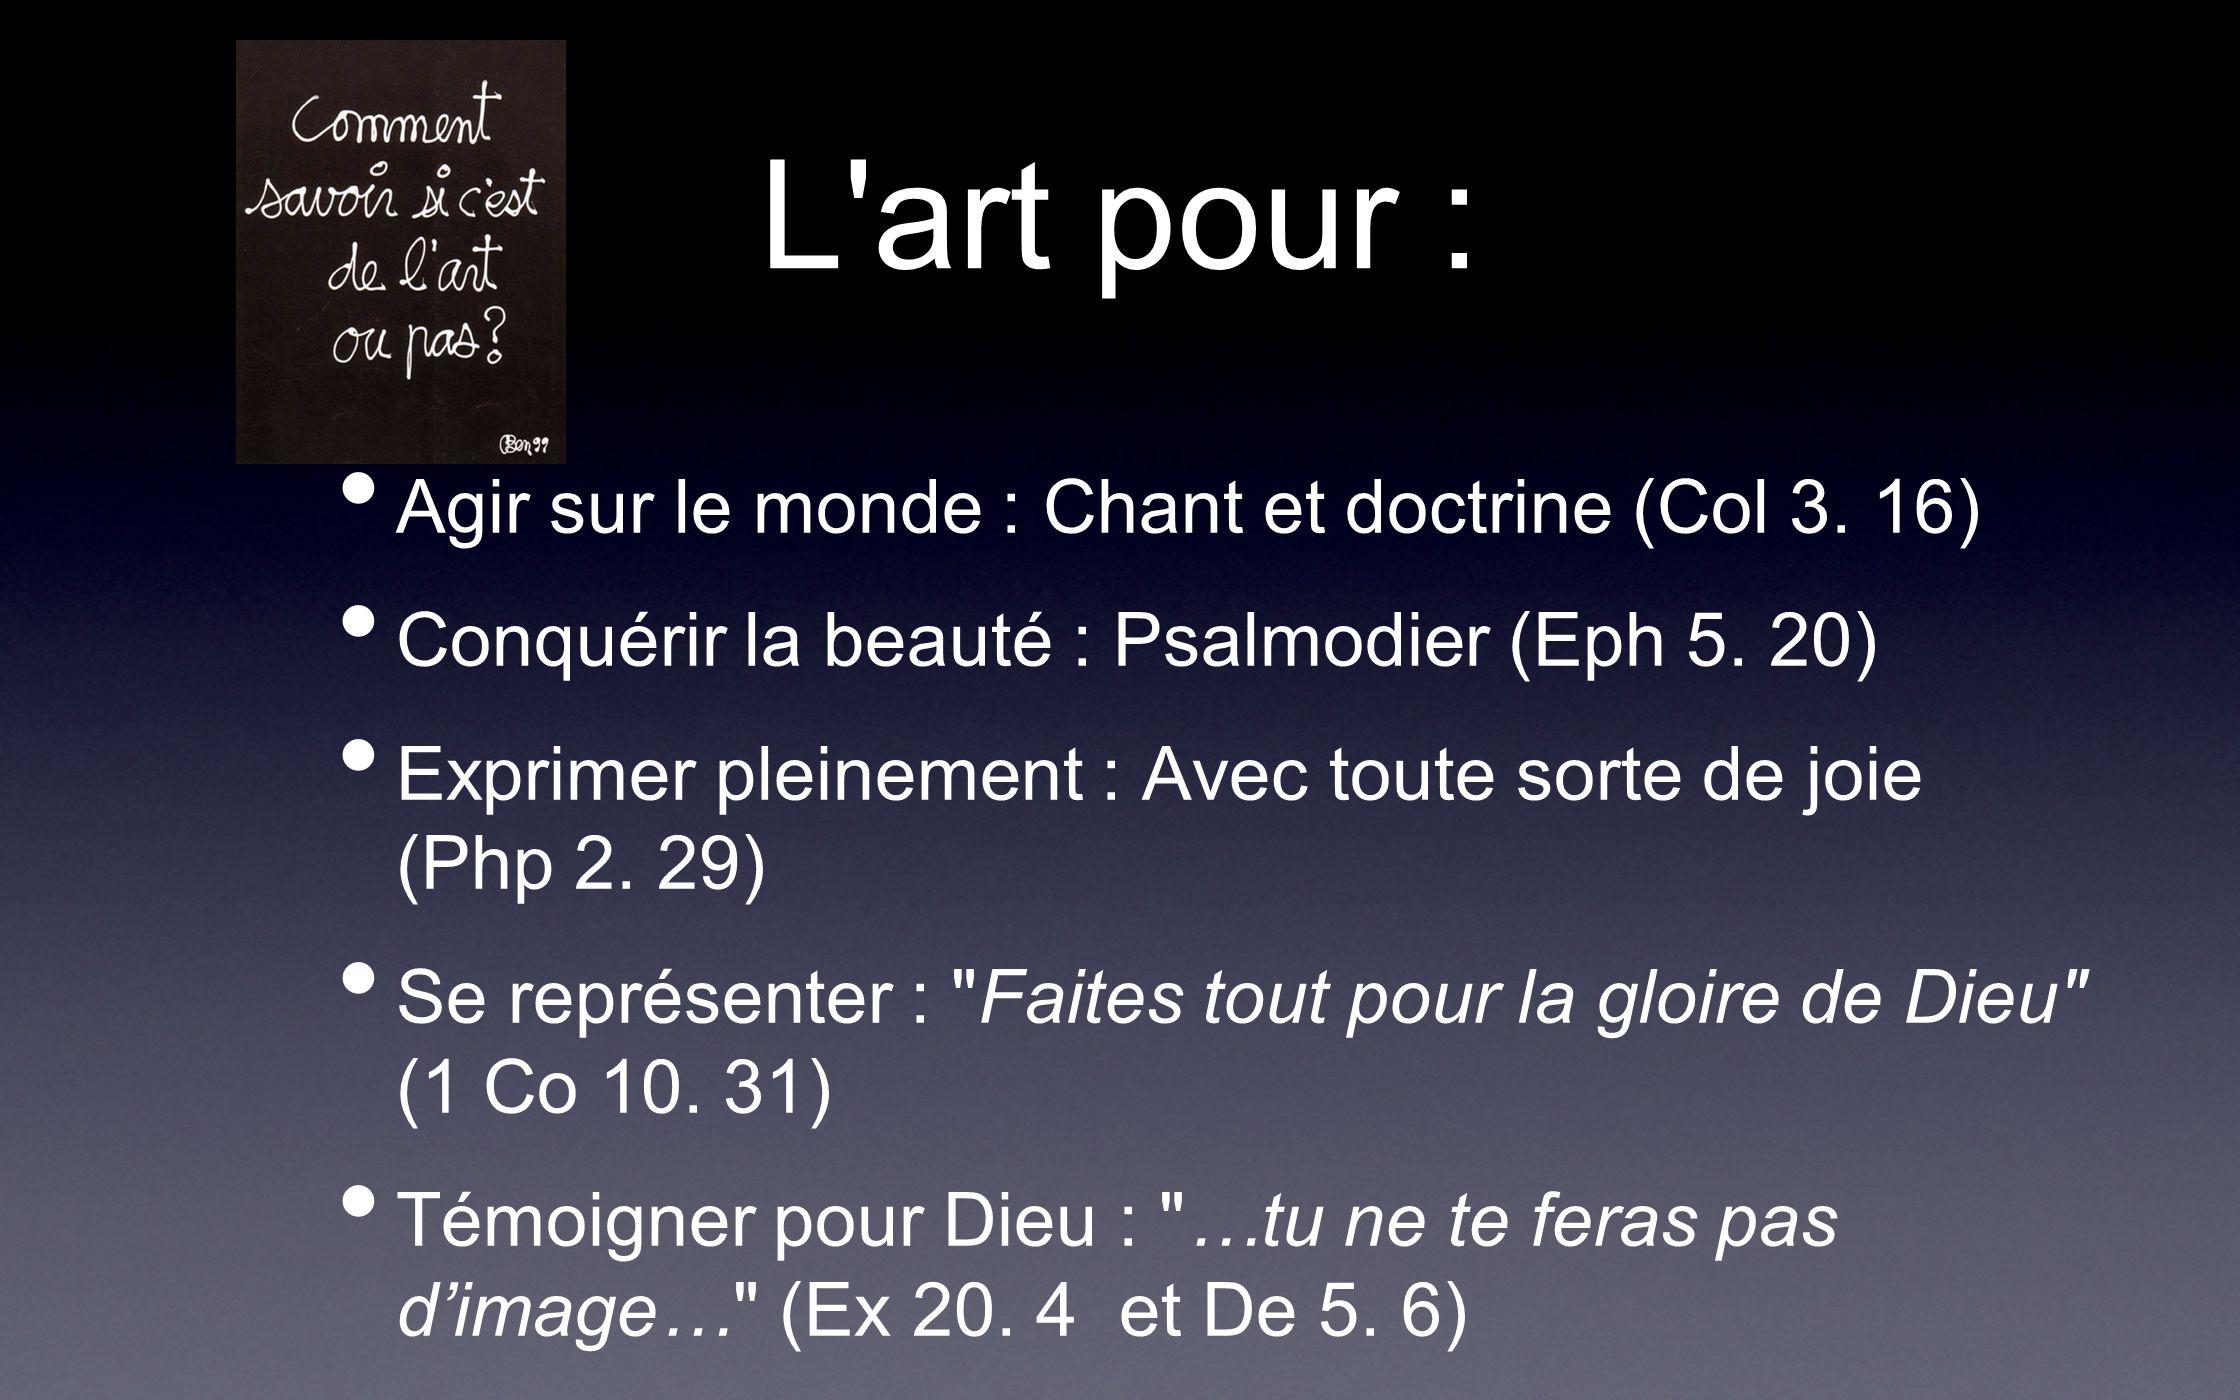 L'art pour : Agir sur le monde : Chant et doctrine (Col 3. 16) Conquérir la beauté : Psalmodier (Eph 5. 20) Exprimer pleinement : Avec toute sorte de